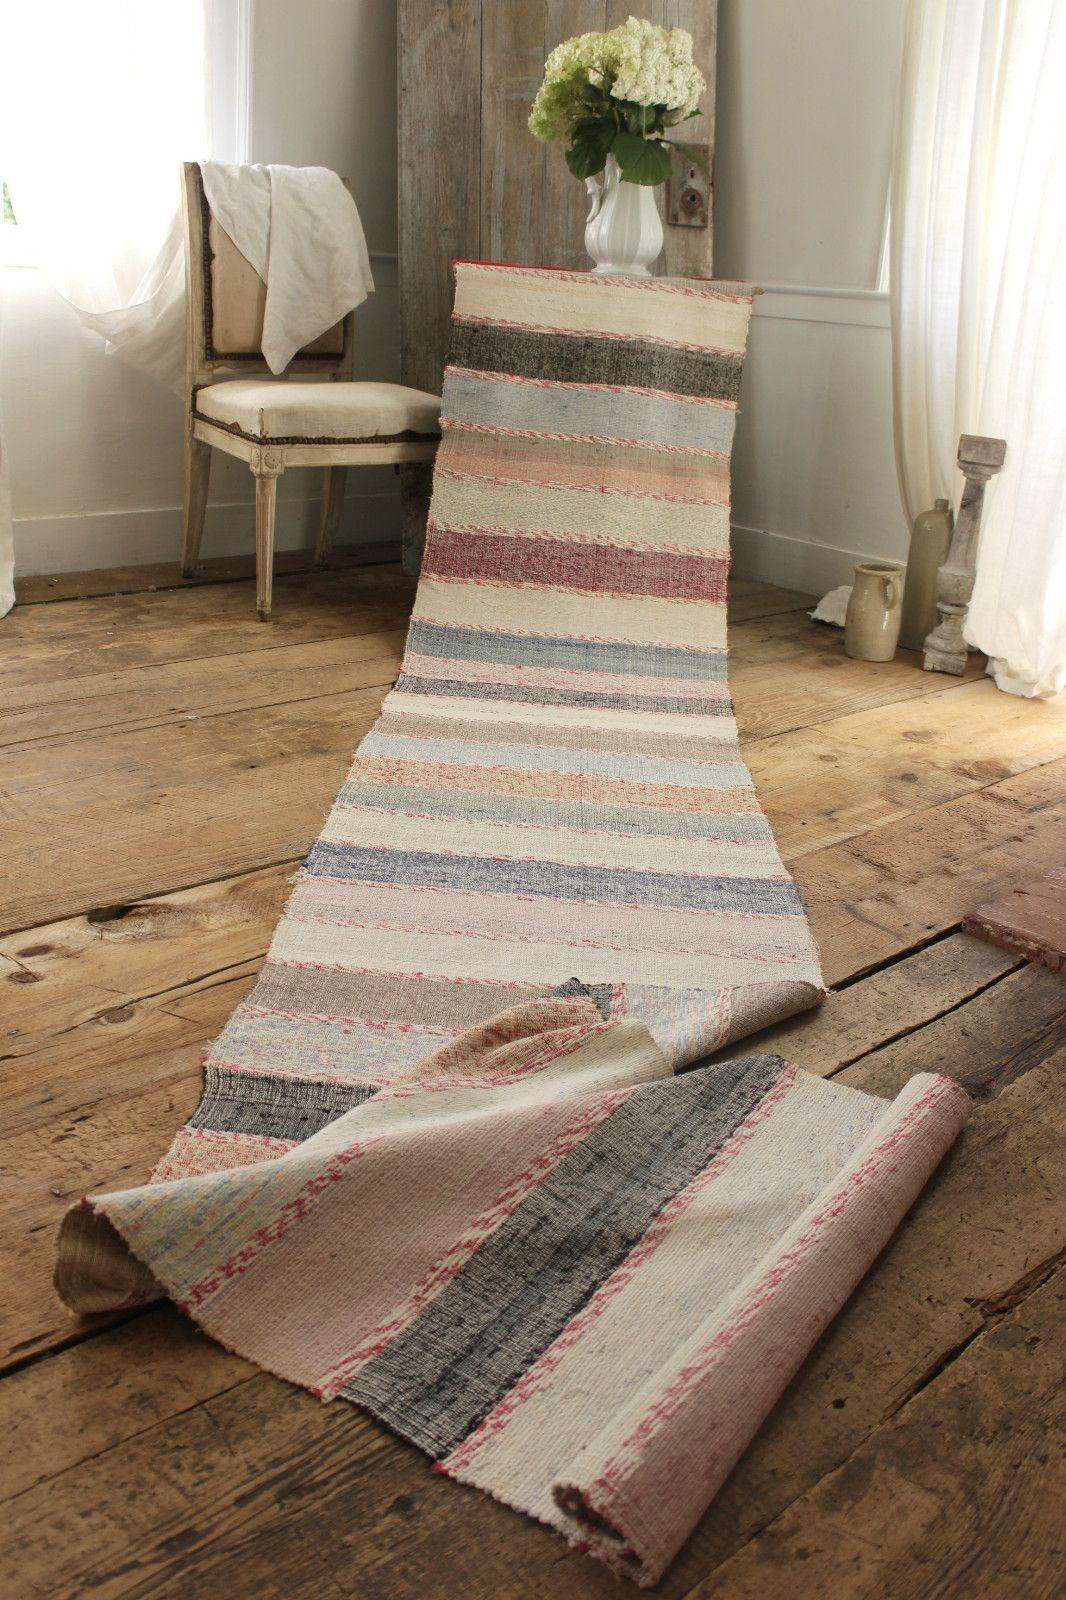 Superior RAG RUG Vintage European Carpet Stair Runner Area Rug 4.7 YDS Hand Woven  LOVELY